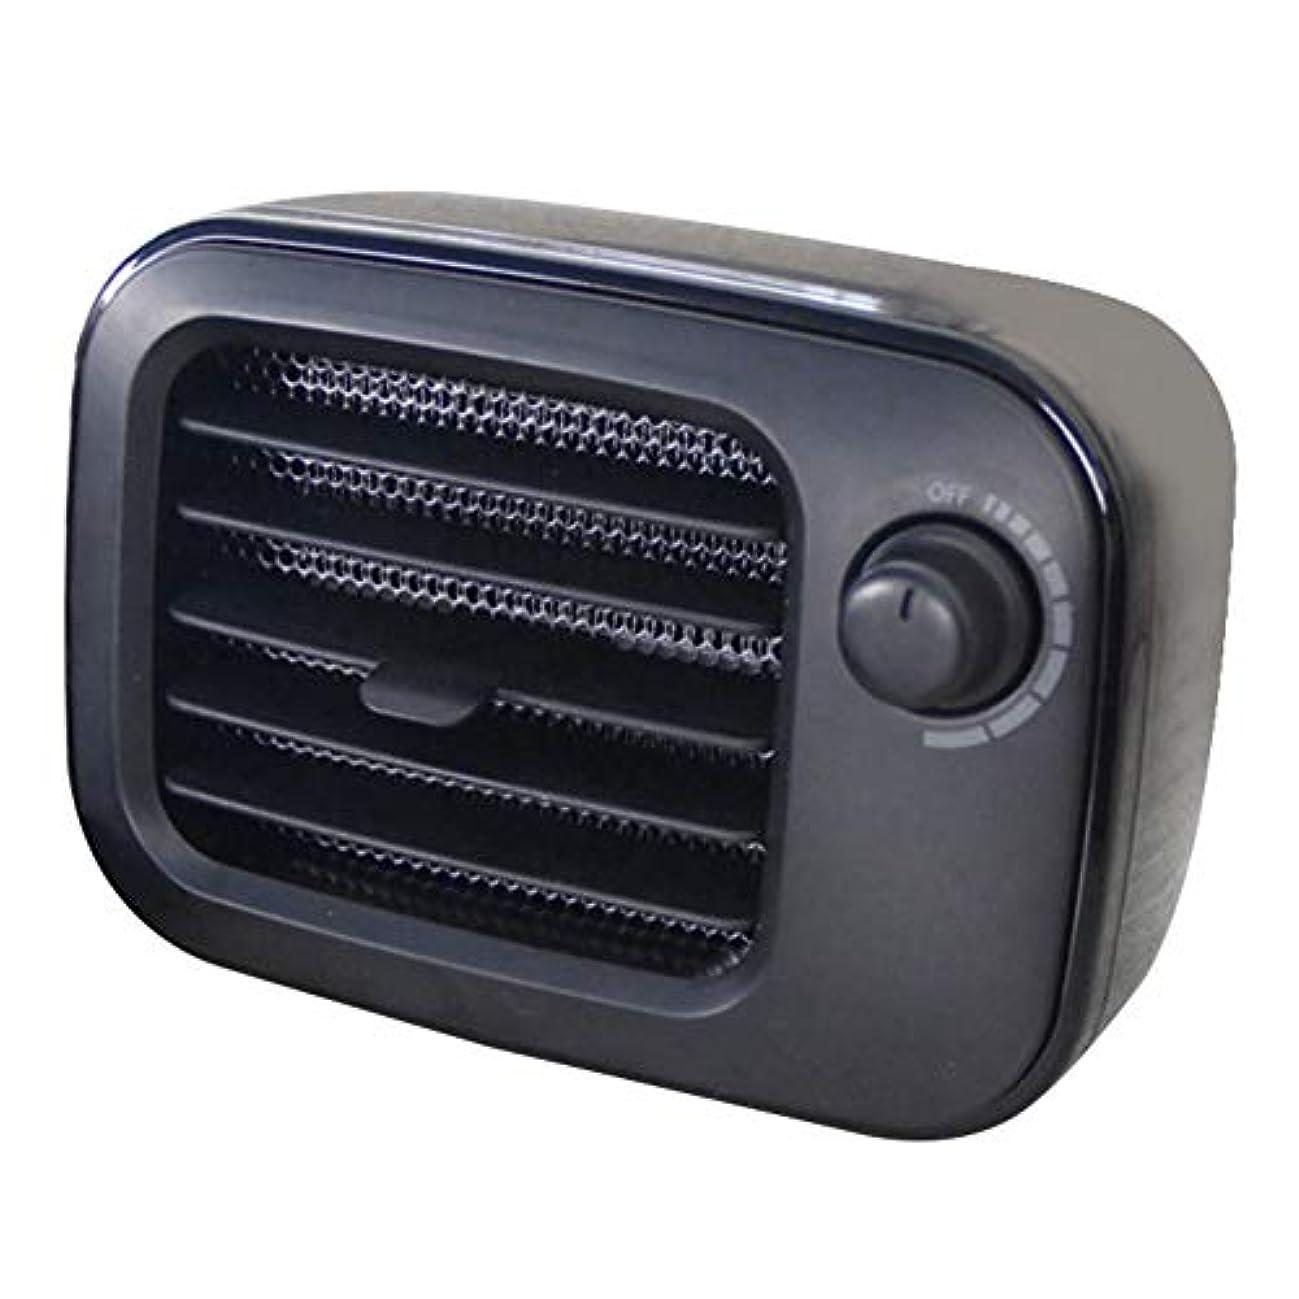 喉が渇いた委員会操るヒーターファン過熱保護インテリジェント電気サーモスタット低ノイズポータブルレトロ静かな暖房ハンドウォーマー寝室冬デスクトップホーム(ブラック)